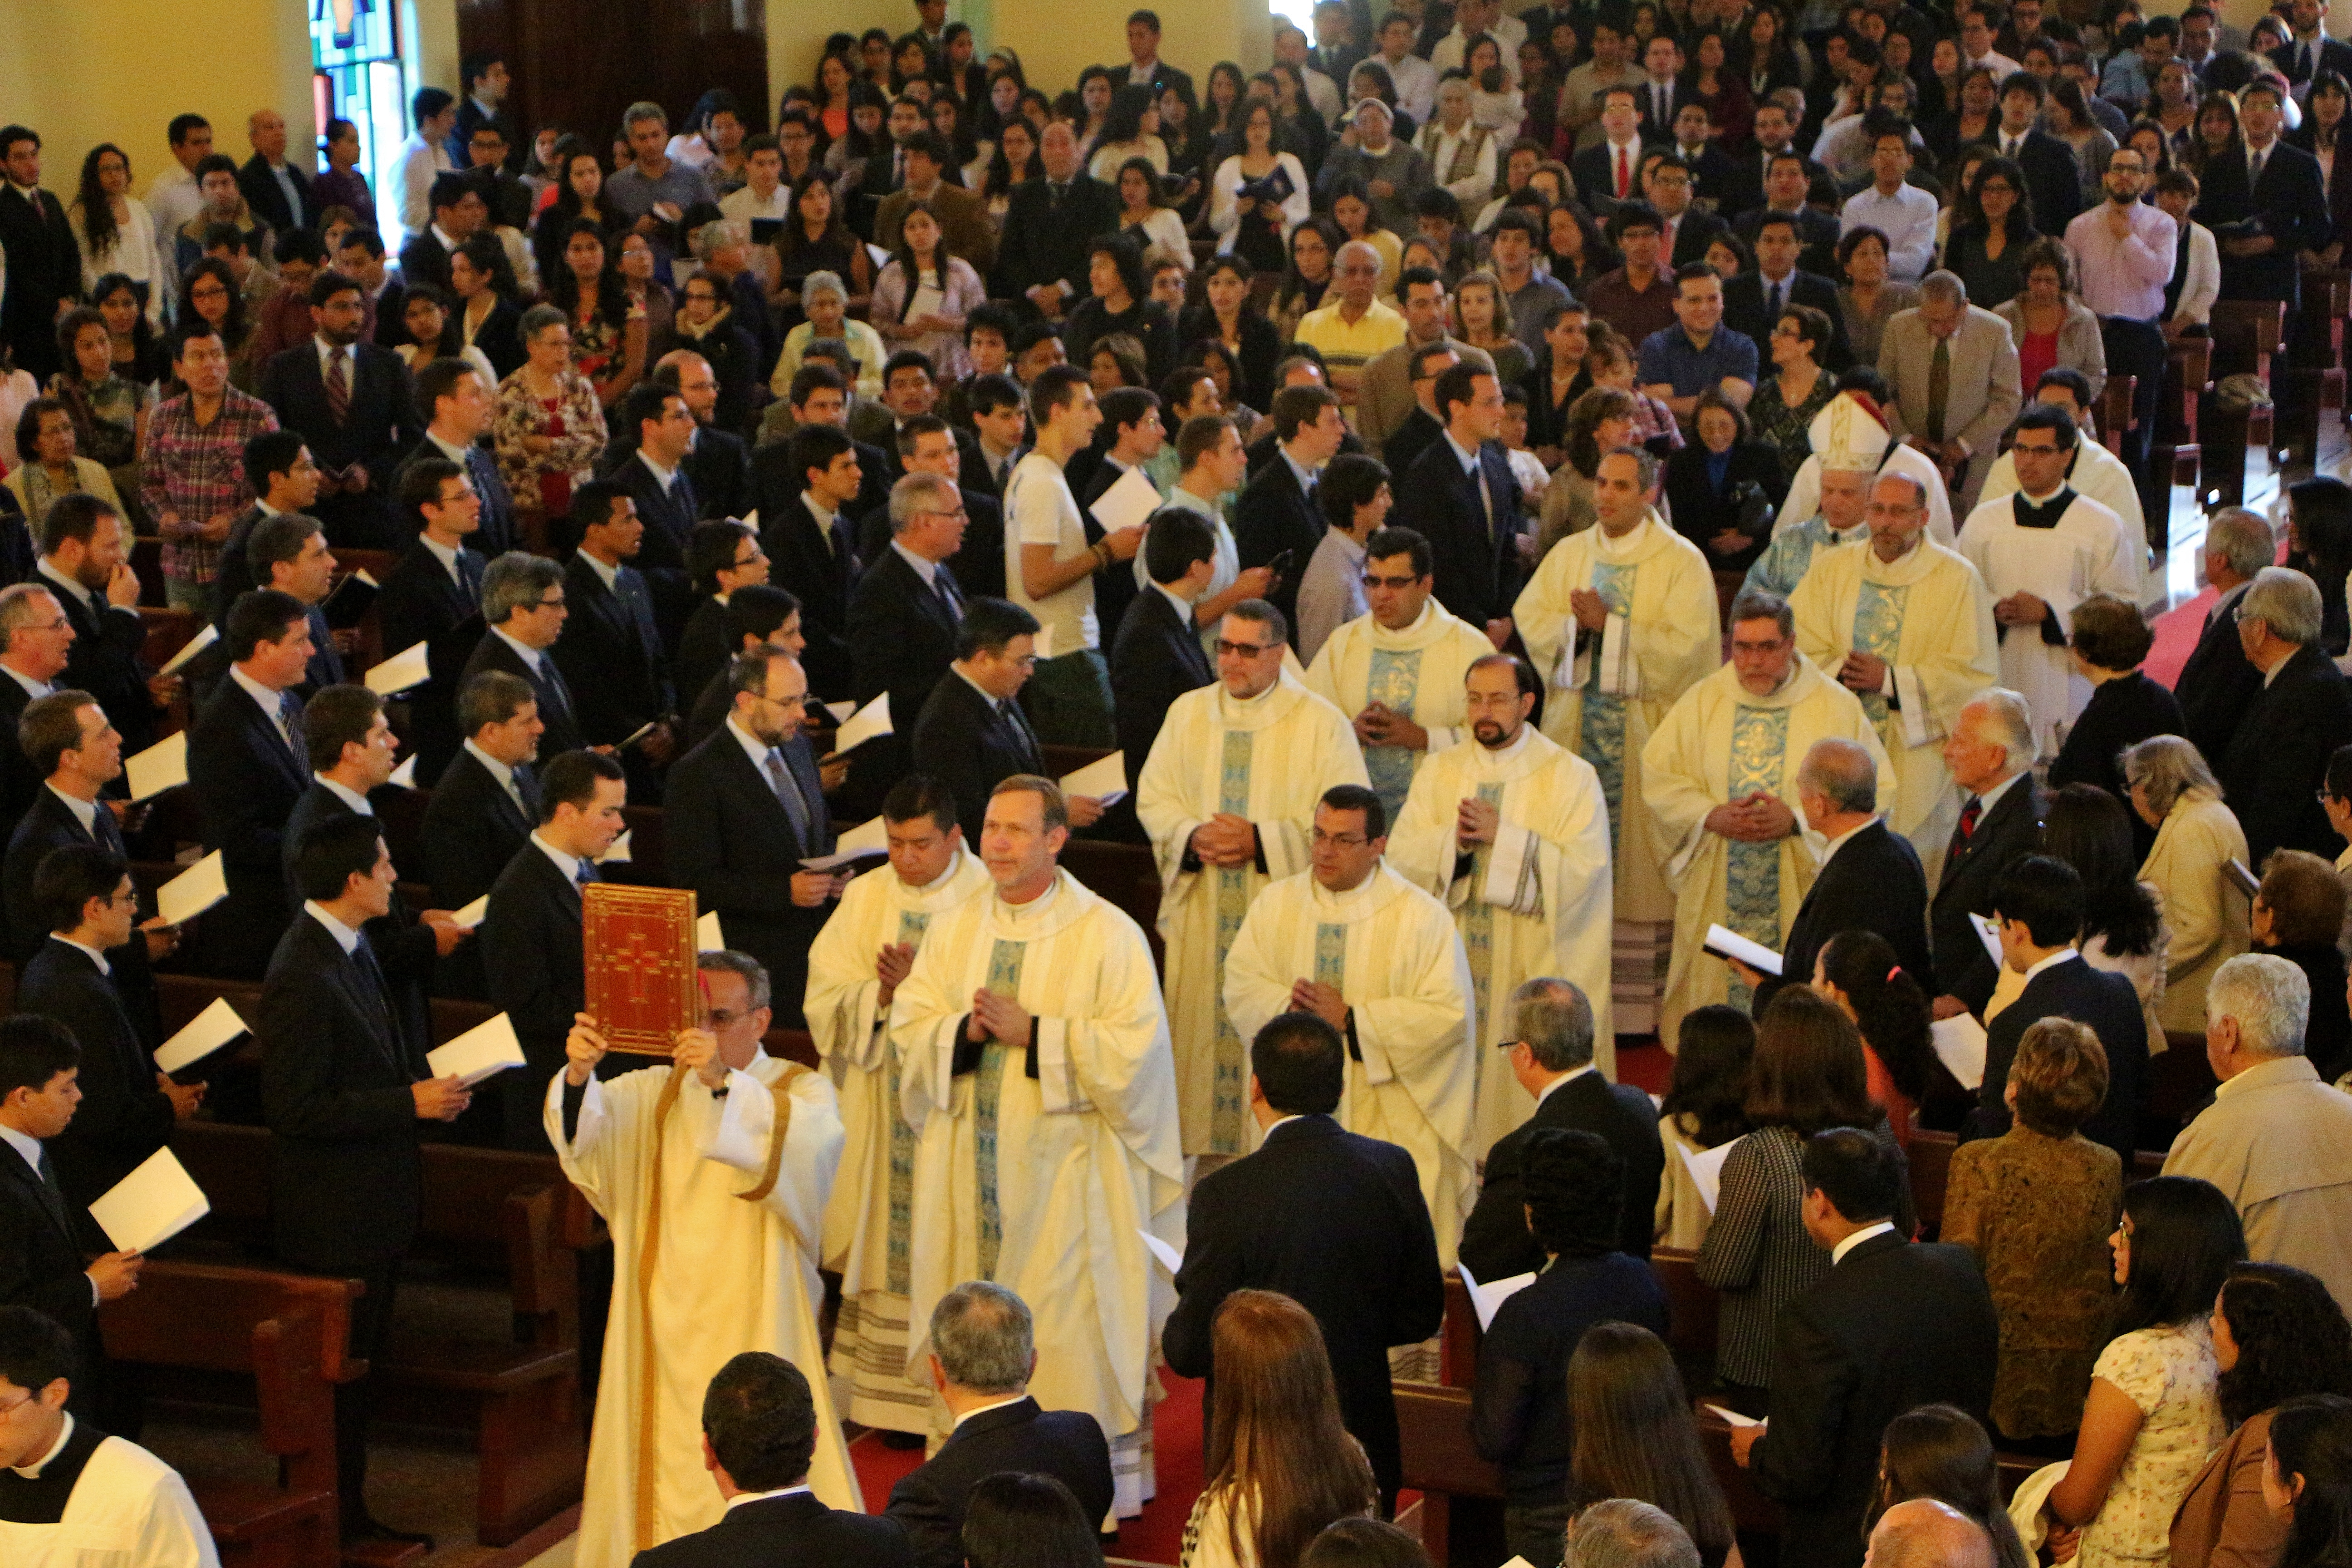 XLIV-Aniversario-del-Sodalicio-de-Vida-Cristiana-en-Lima-2015-3